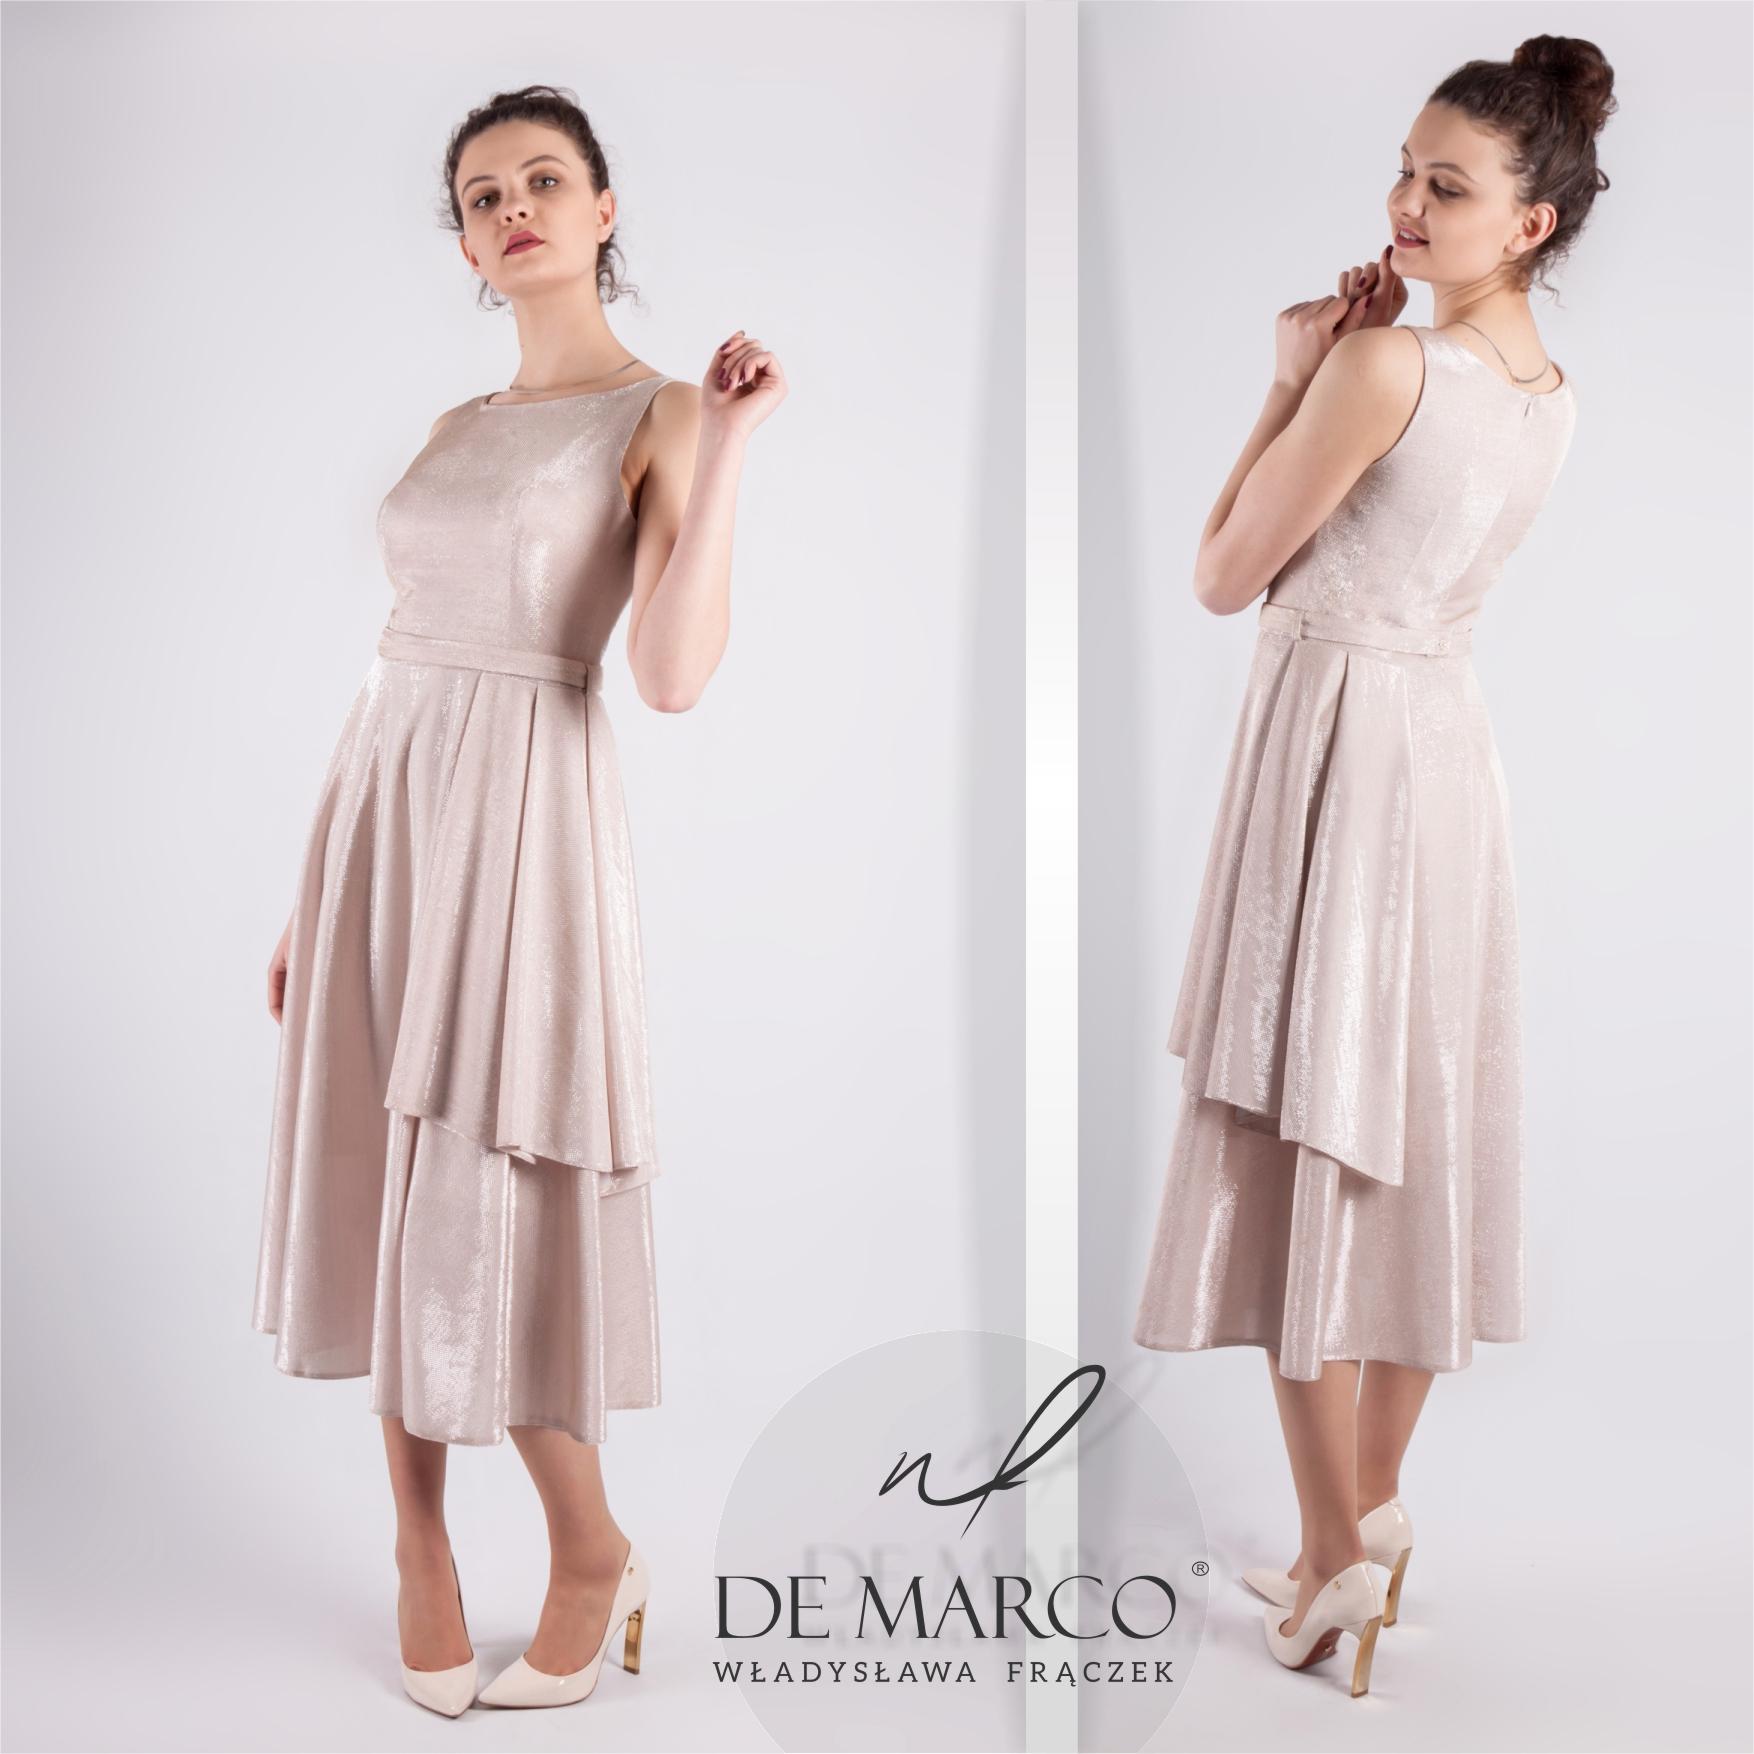 Asymetryczna suknia dla mamy wesele do połowy łydki, szyta na miarę w De Marco. Sklep internetowy projektantki mody z Frydrychowic.